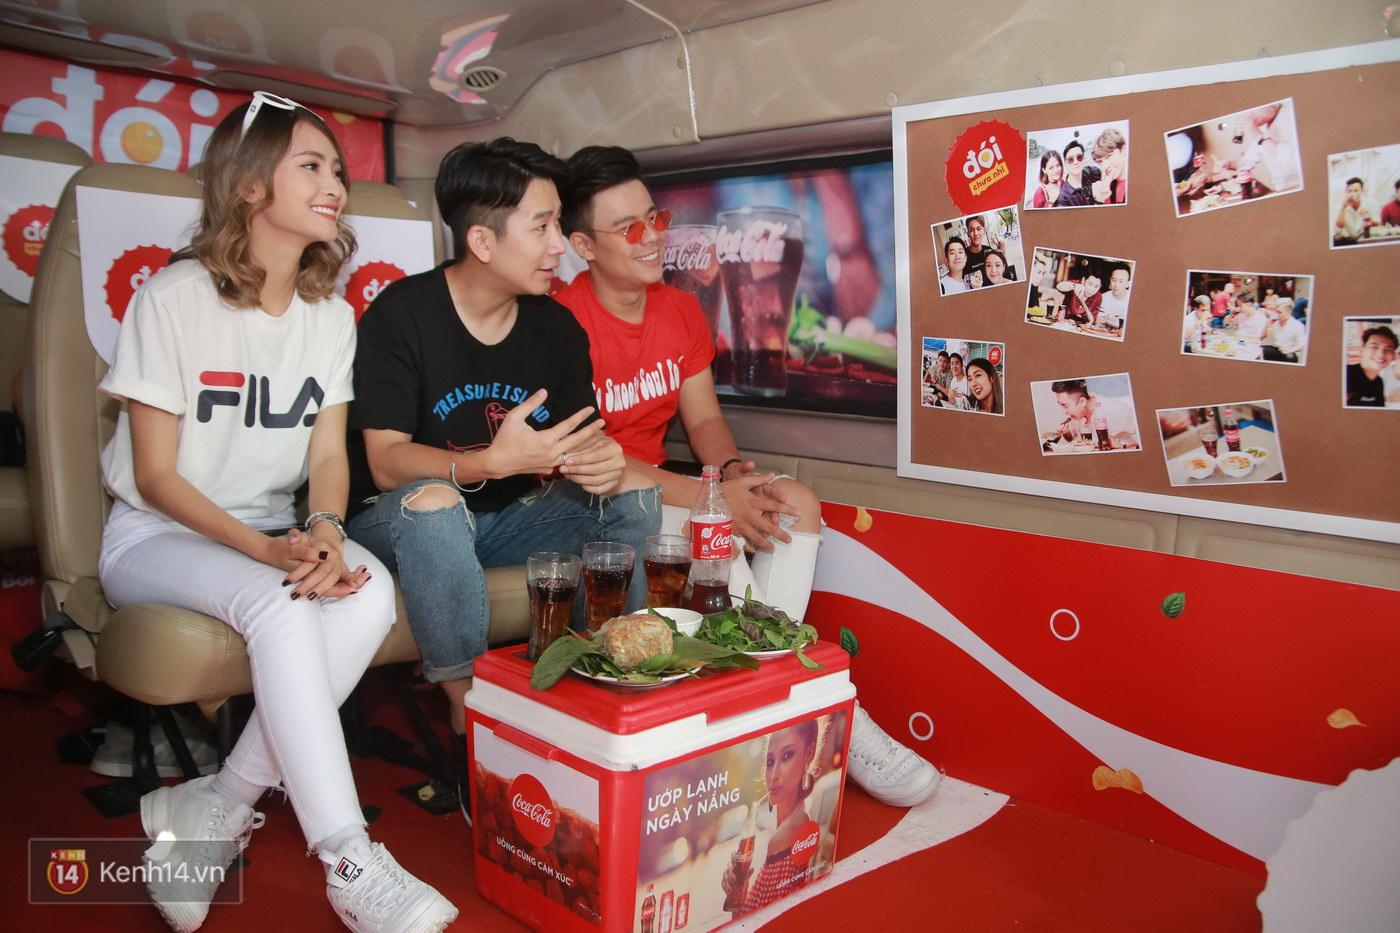 Đói Chưa Nhỉ: Theo chân 2 MC Bữa trưa vui vẻ tới quán phở nổi tiếng nhất Nam Định - Ảnh 4.